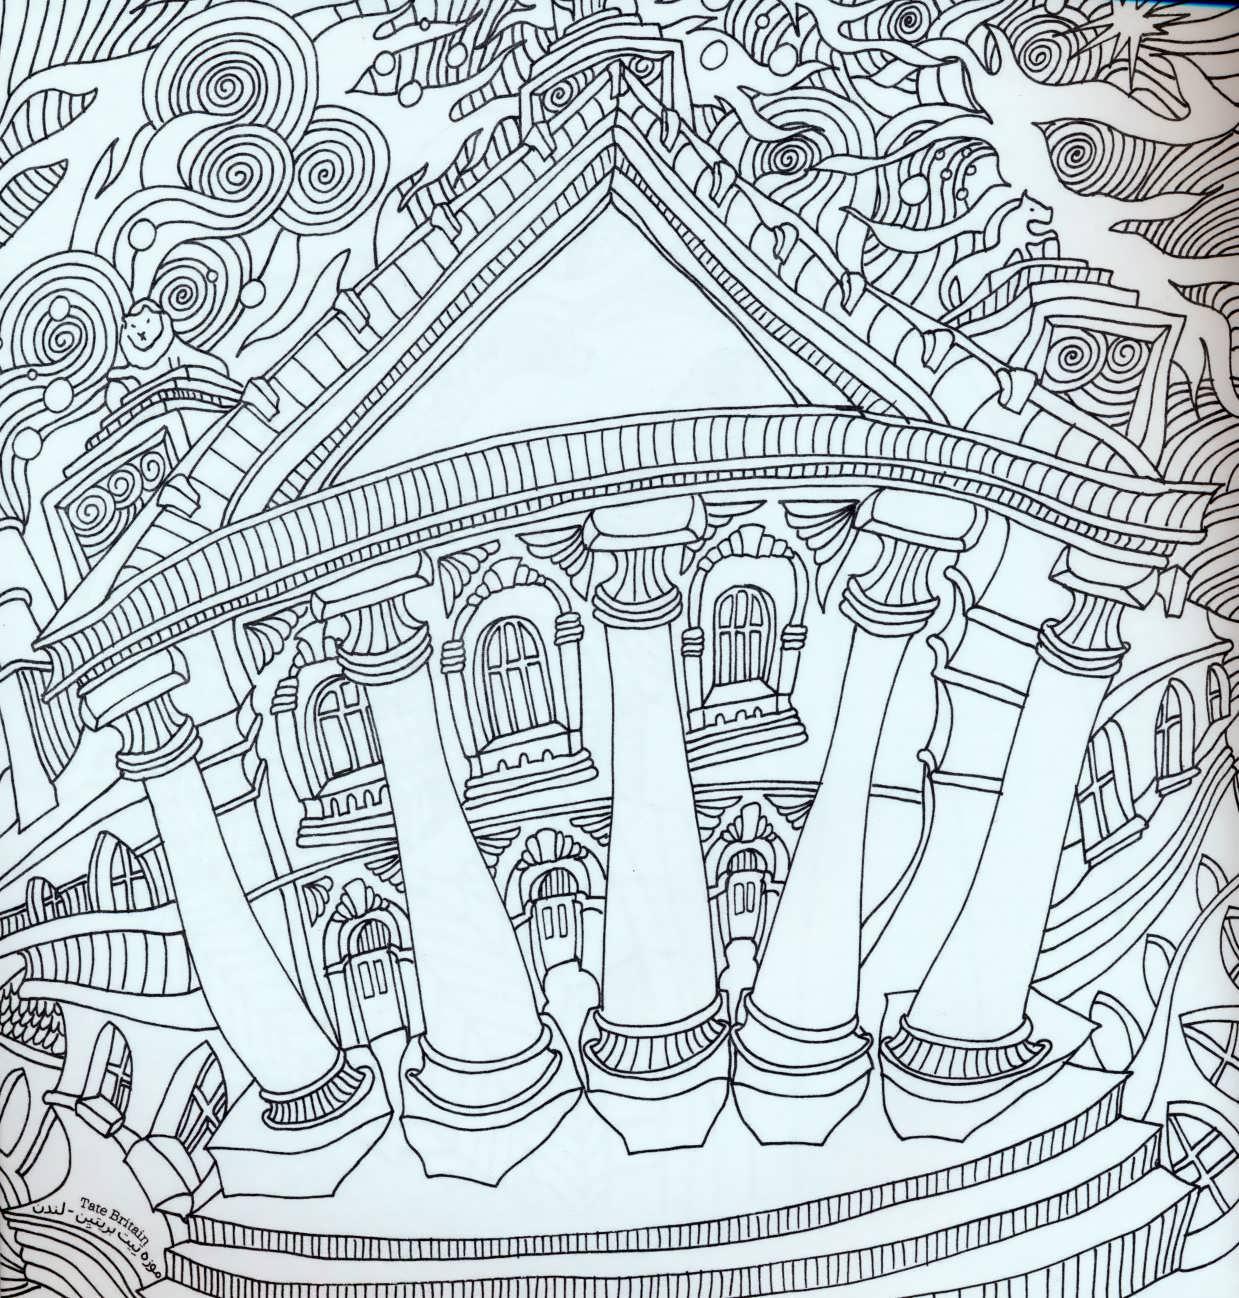 دنیای هنر خلاقیت12 (دیدنی های جهان:غلبه بر استرس با رنگ آمیزی)